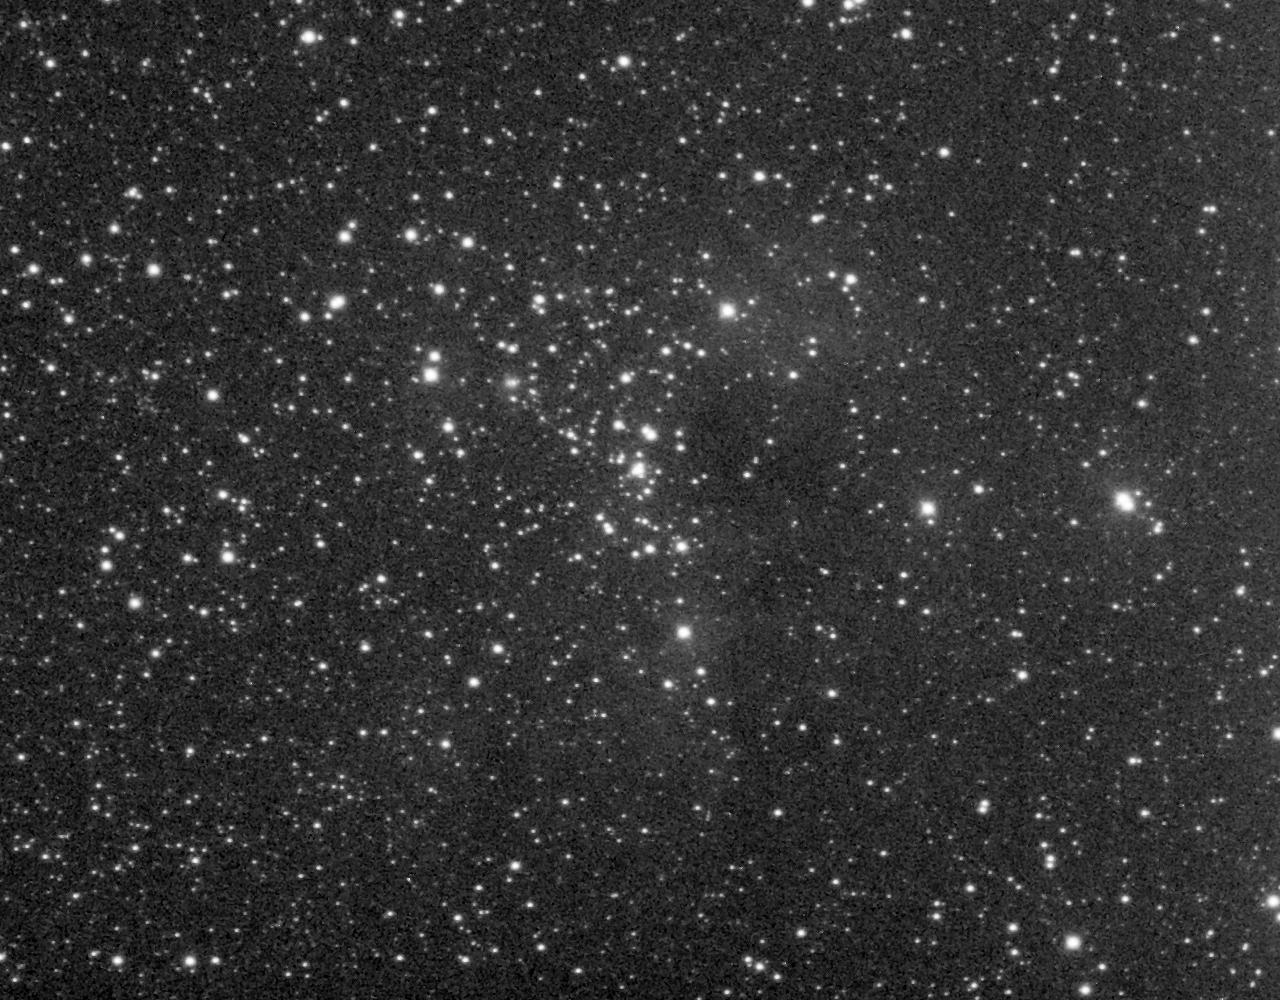 NGC 1893 aufgenommen mit einem Takahashi Epsilon 250 und einer SBIGST-8 CCD Kamera. Norden ist oben, Osten links.